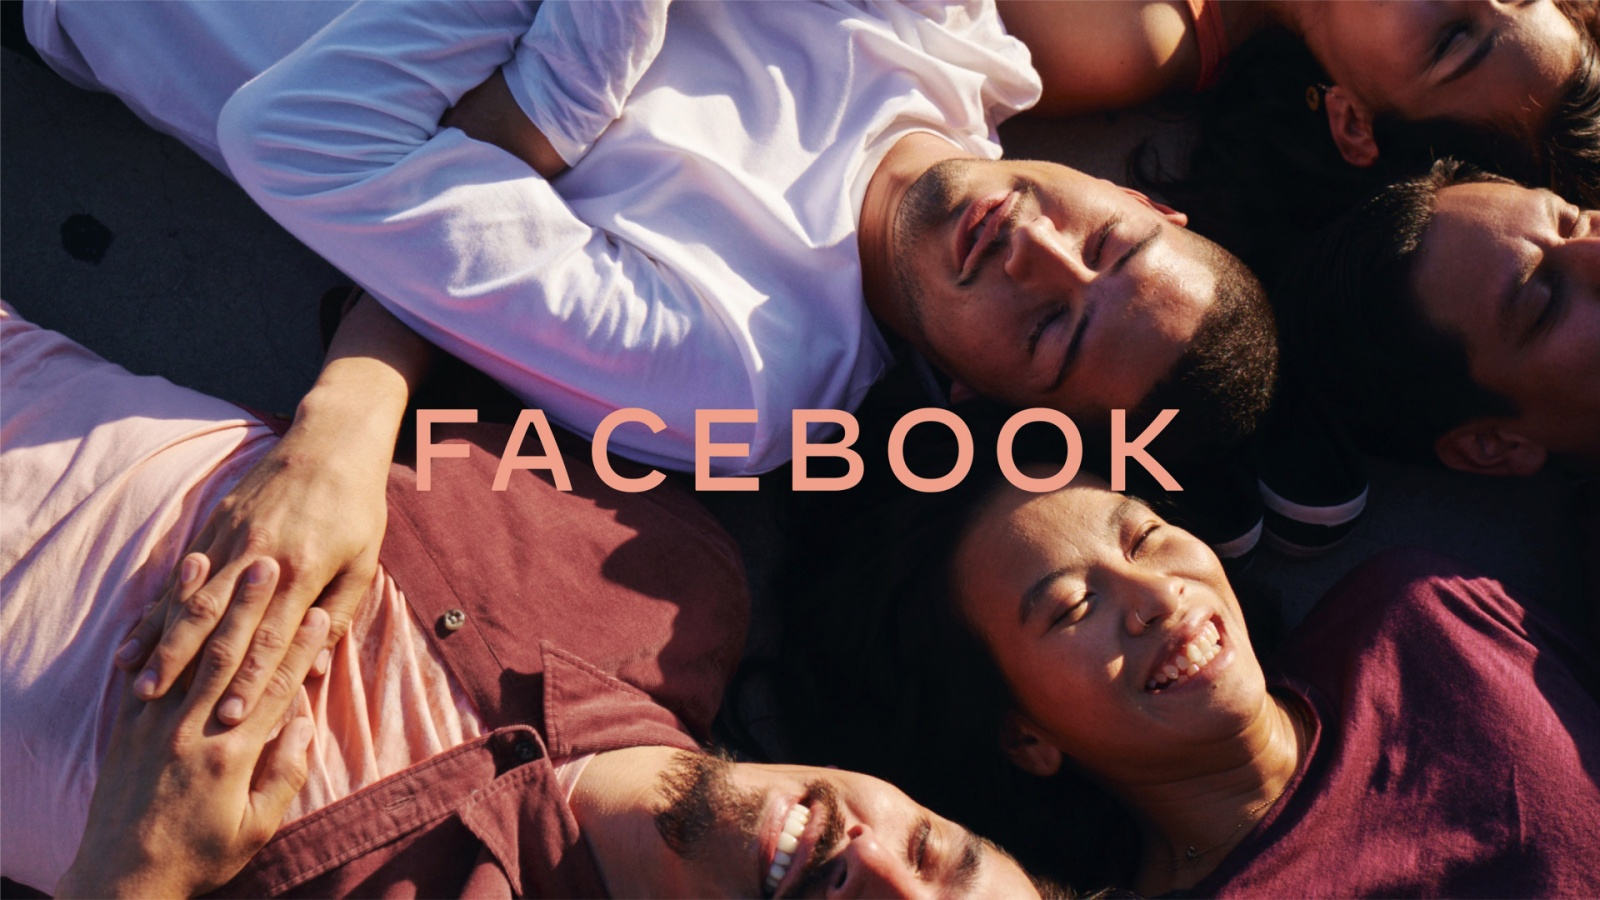 Nowy Facebook już u polskich użytkowników serwisu: odświeżony wygląd i ciemny motyw